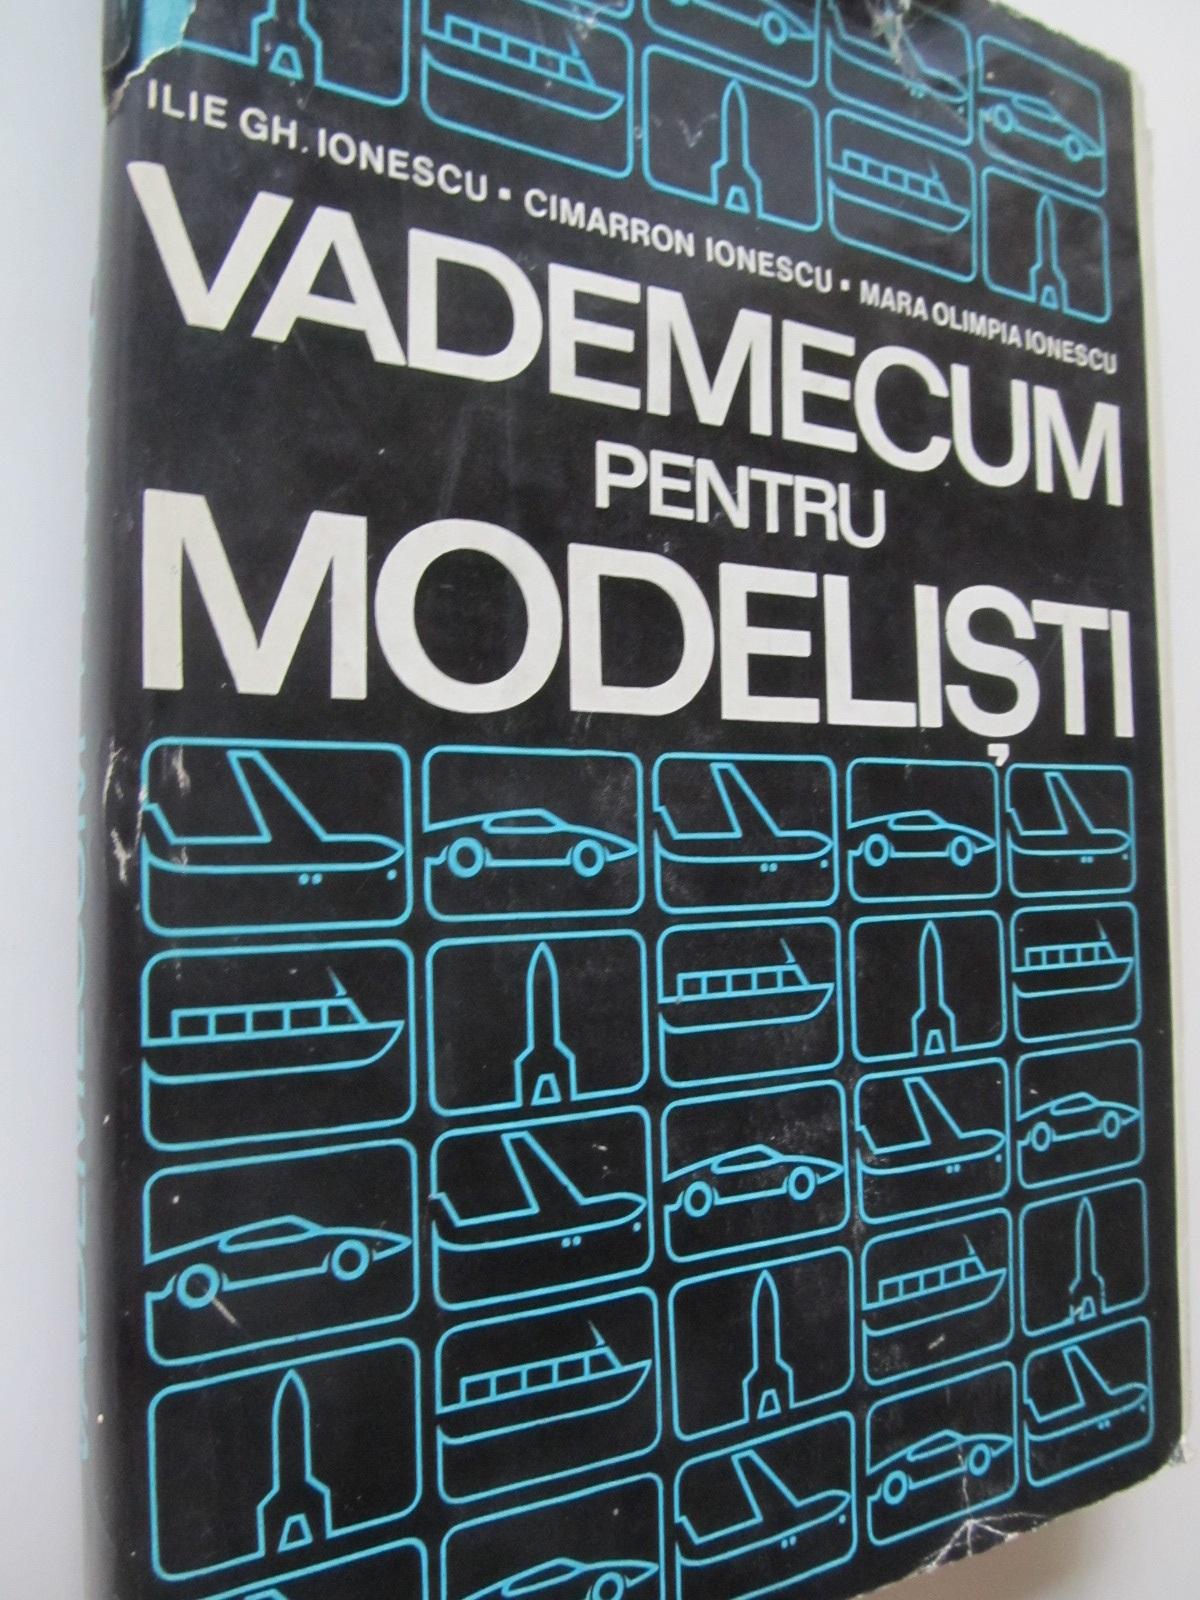 Vademecum pentru modelisti - Ilie Gh. Ionescu ... | Detalii carte